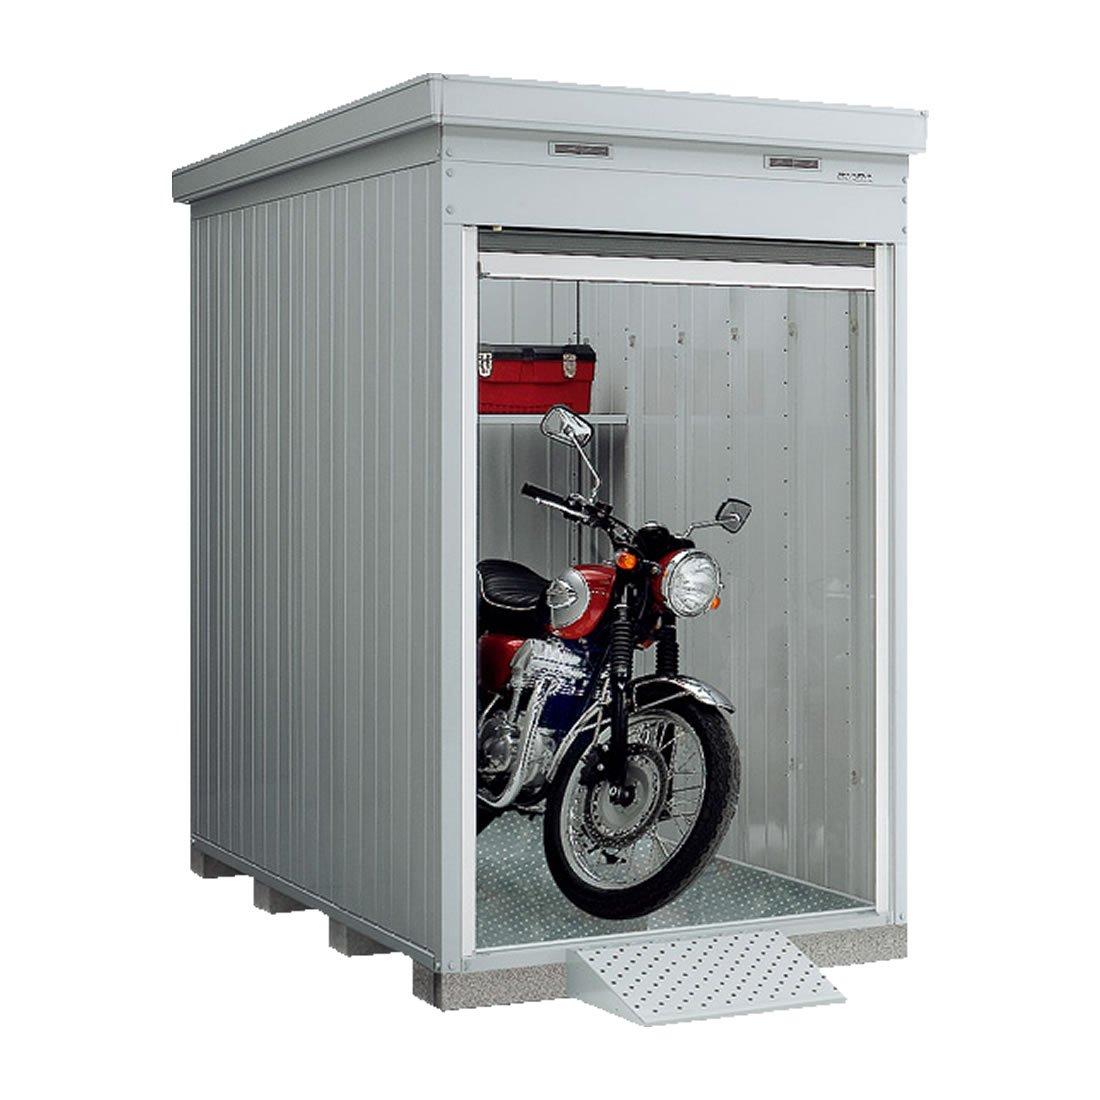 【新潟長野 限定販売】イナバ物置 バイク保管庫 FXN-1326HY 一般多雪地型共通 床付タイプ UG(アーバンGM) B01N43MAS1 アーバンGM